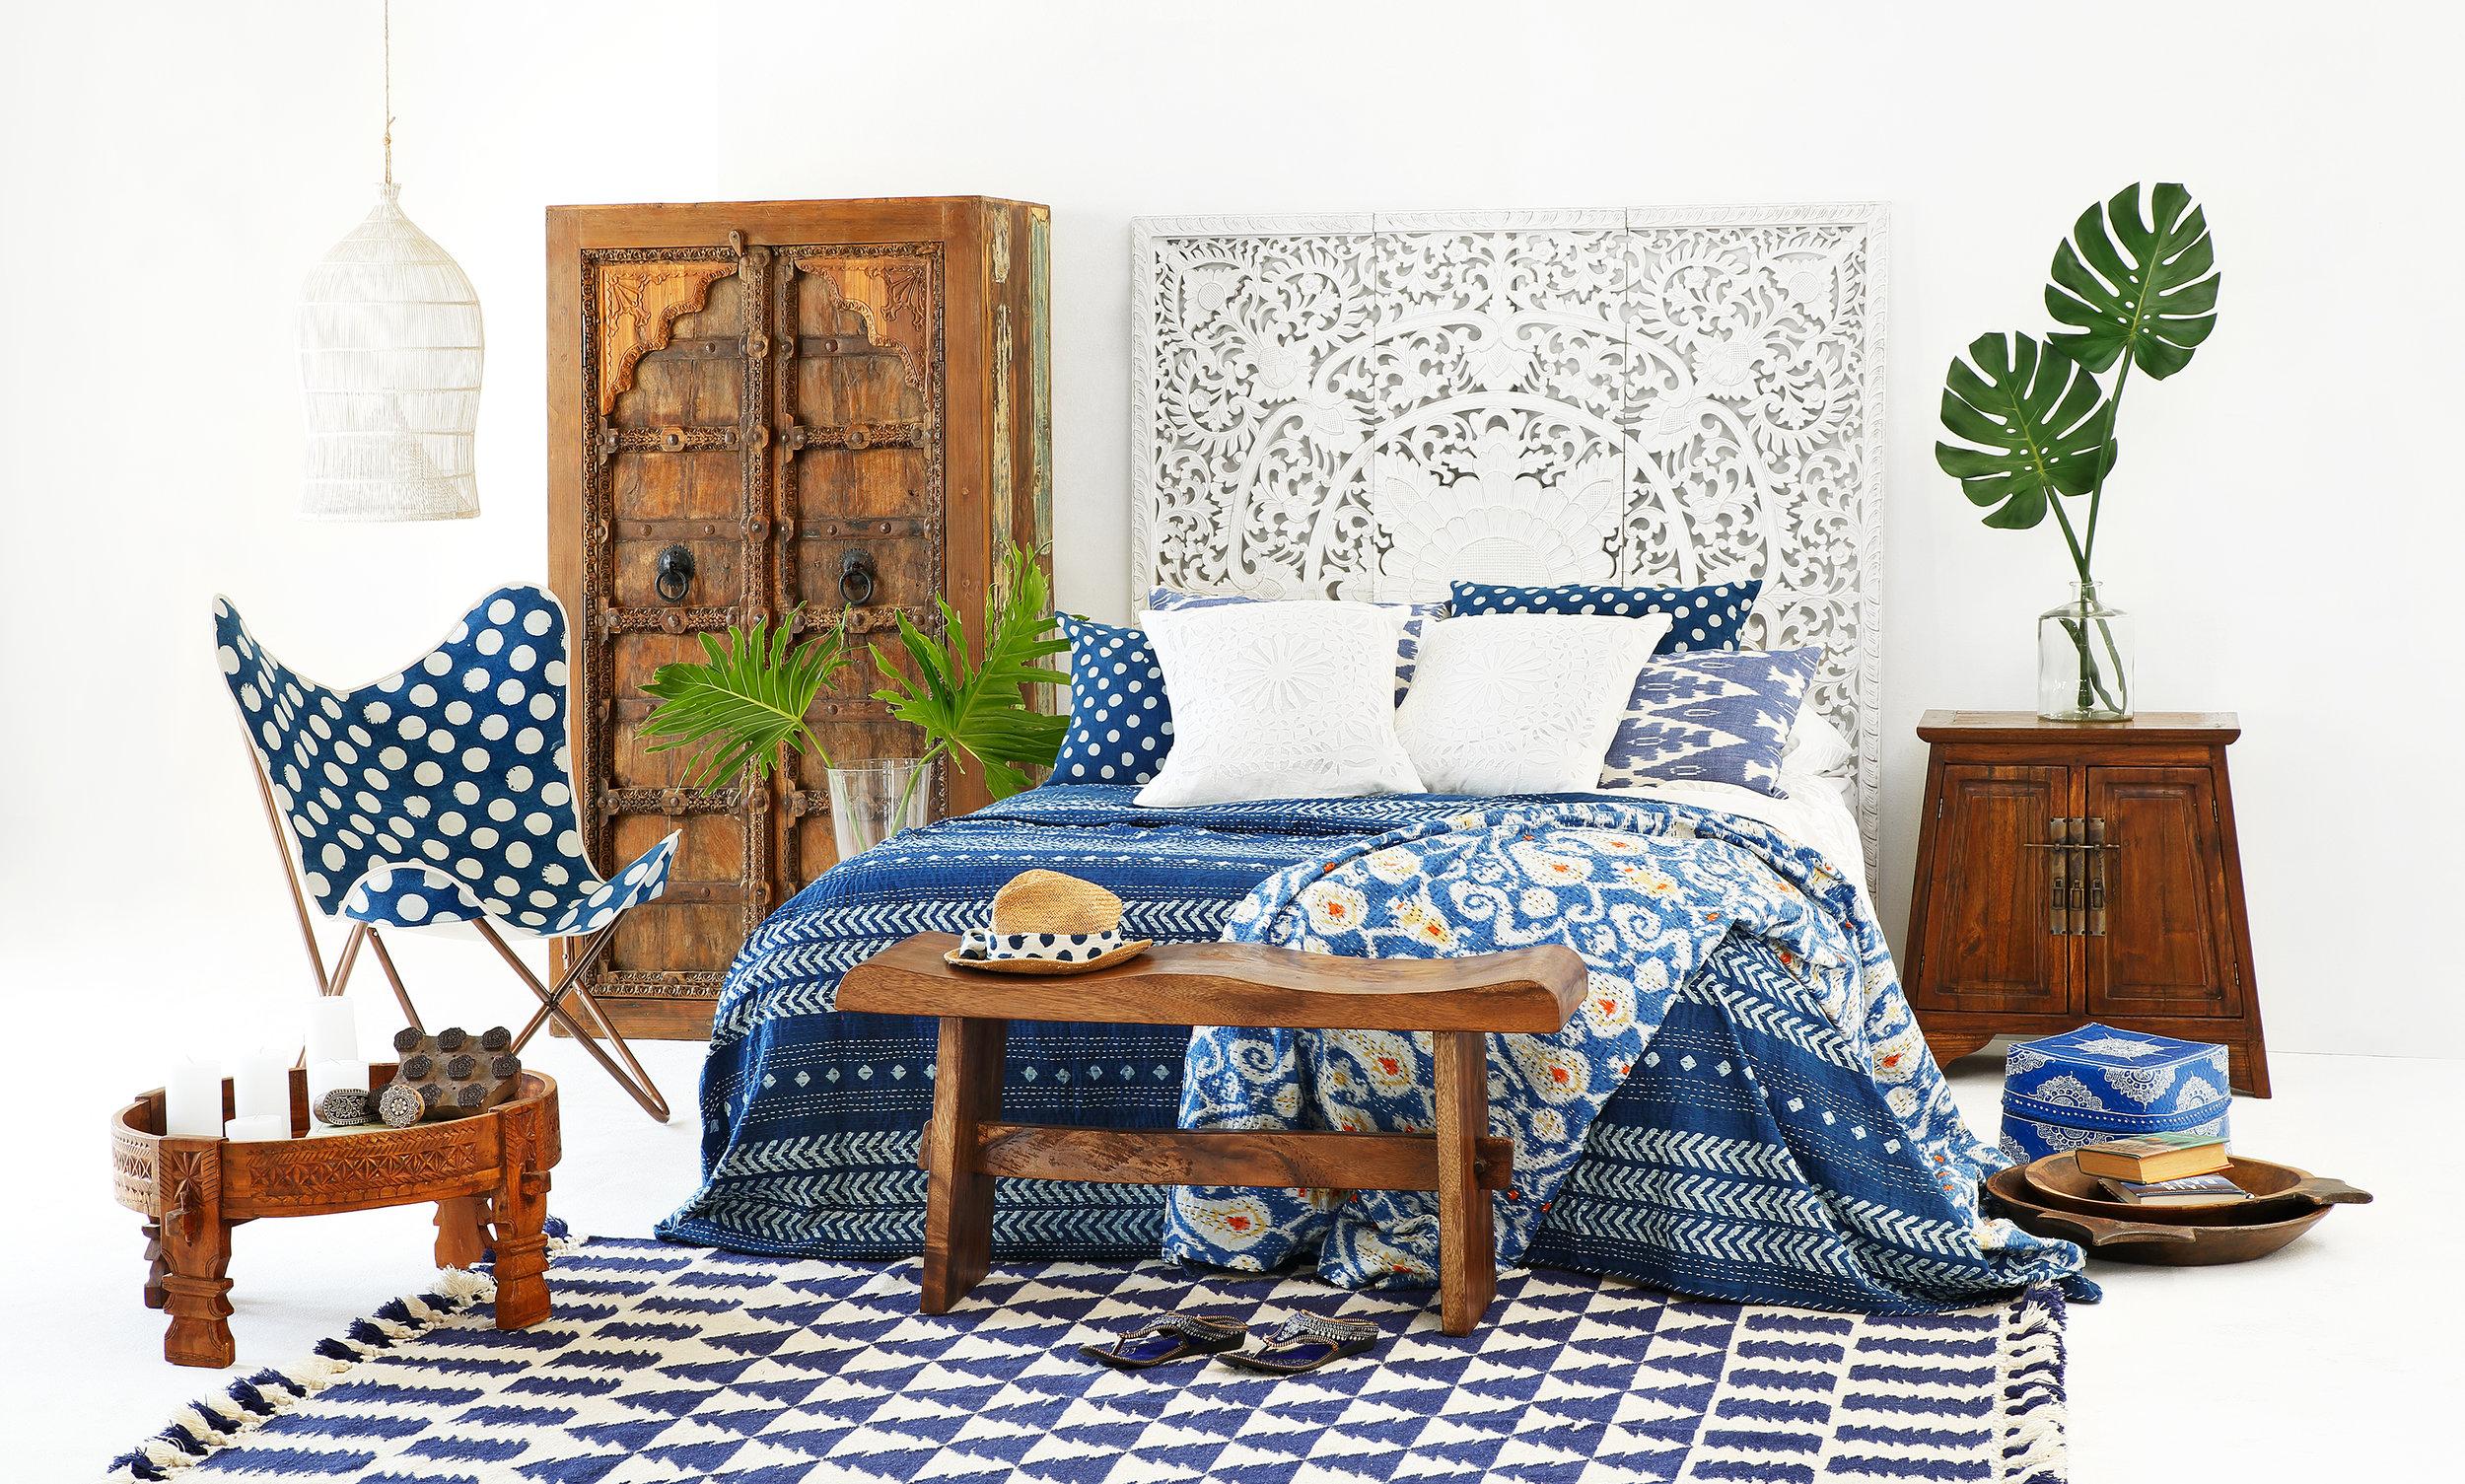 D3 01 Set 1 bedroom 3000.jpg